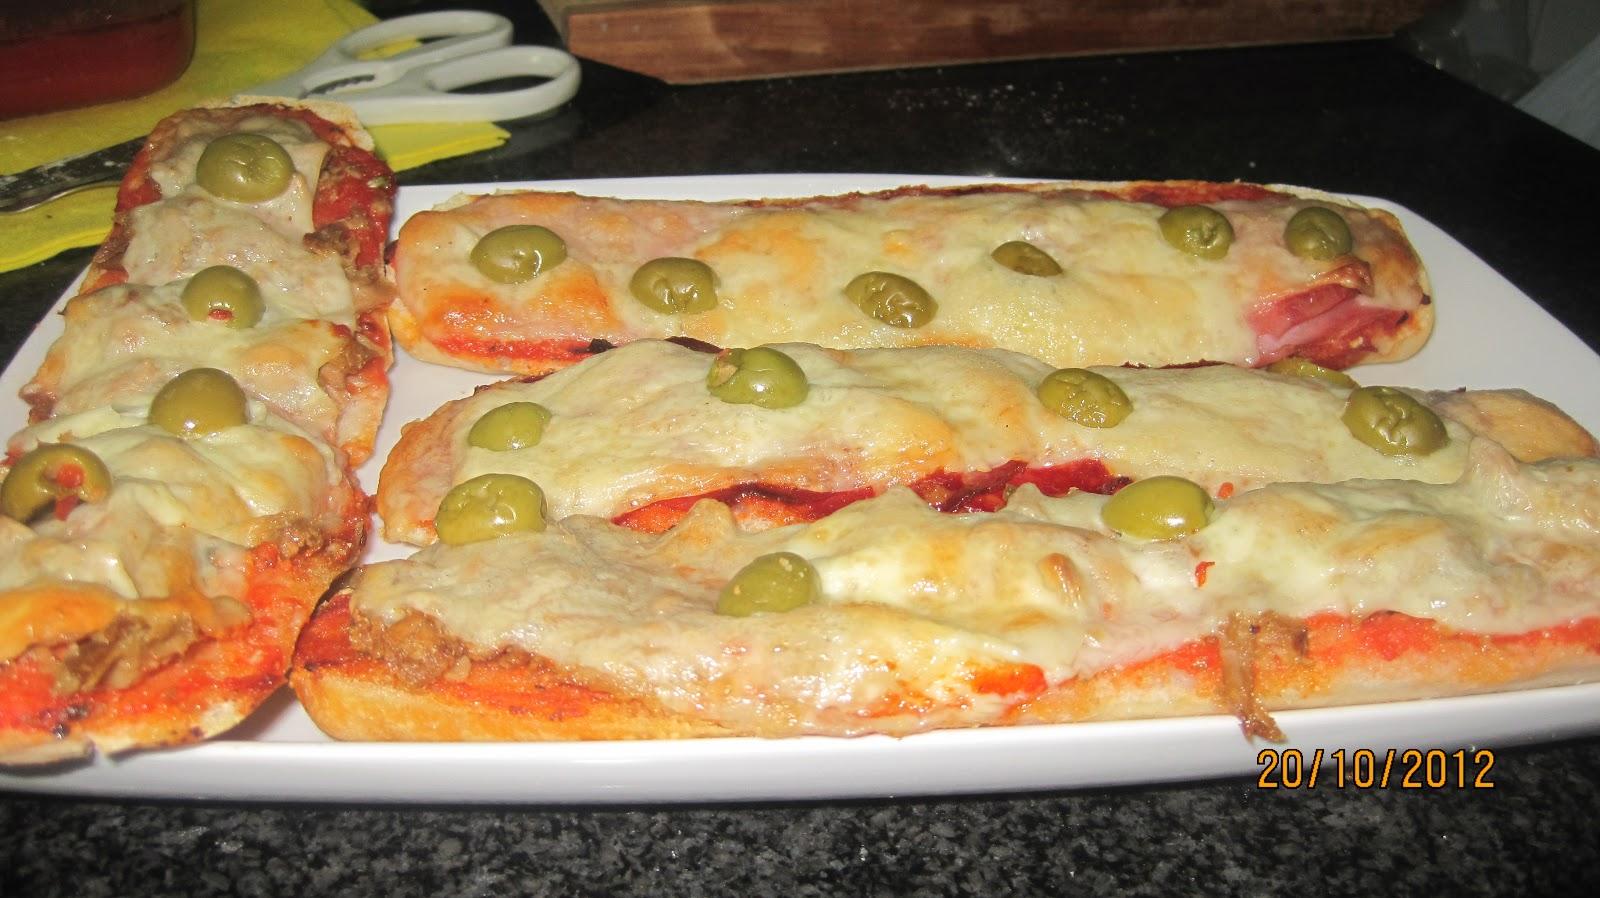 Recetas de cocina casera paninis de atun y peperoni for Recetas cocina casera